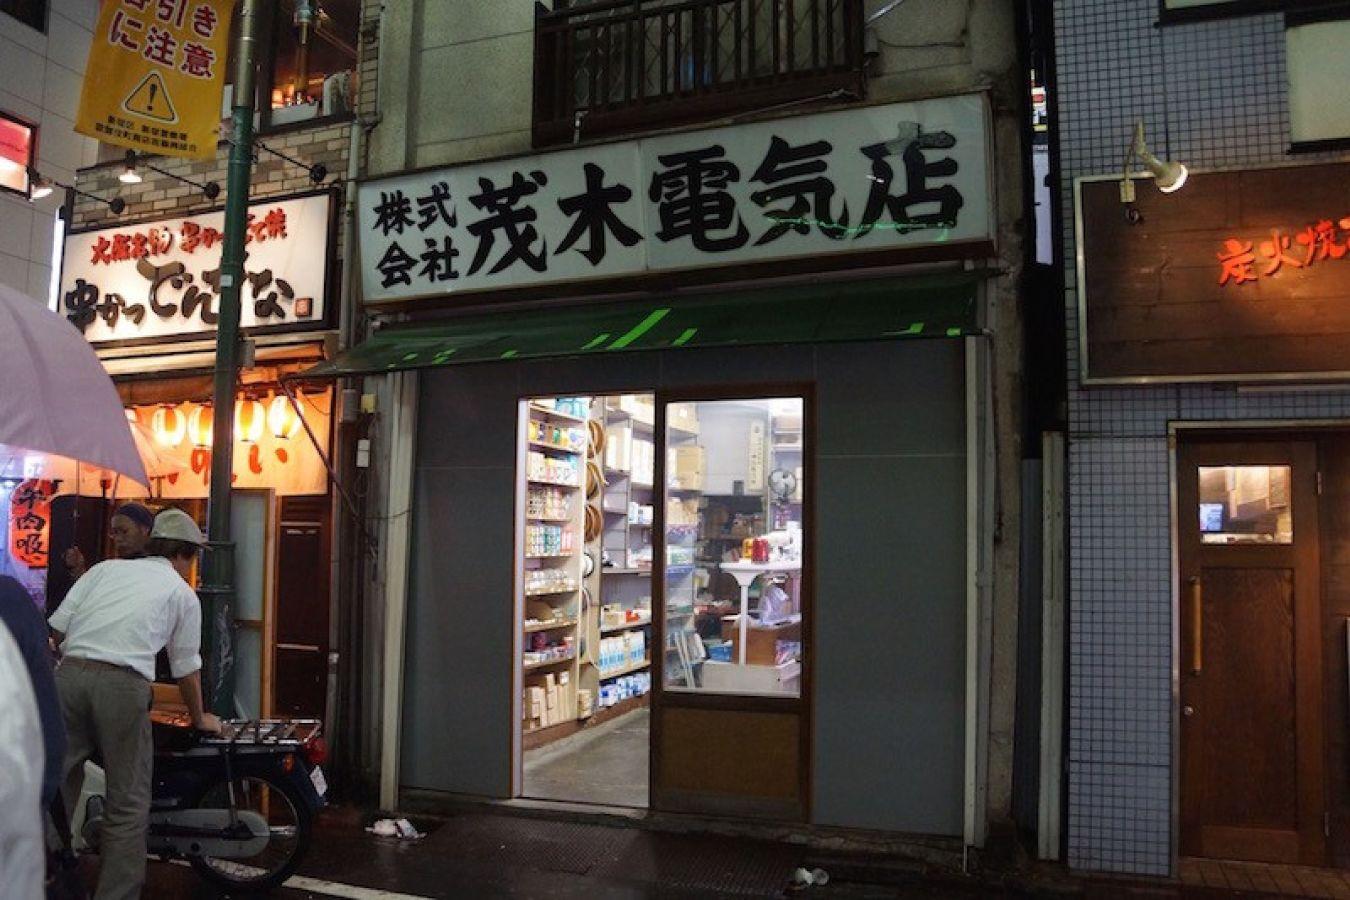 歌舞伎町の光を支えてきた英雄